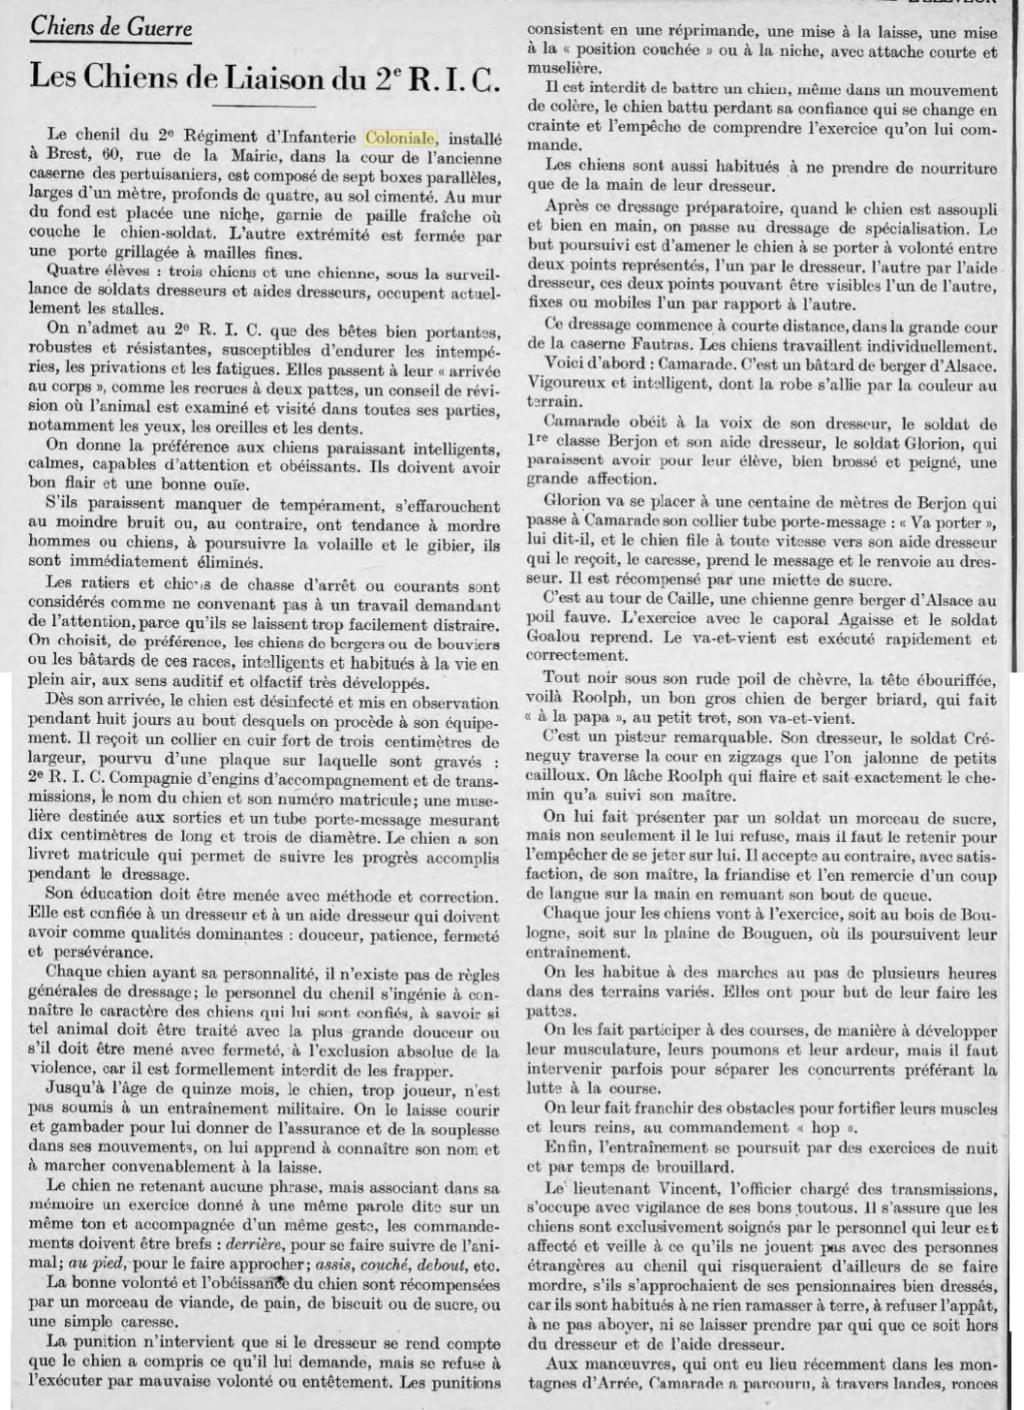 Les chiens dans l'armée française - Page 2 19370413